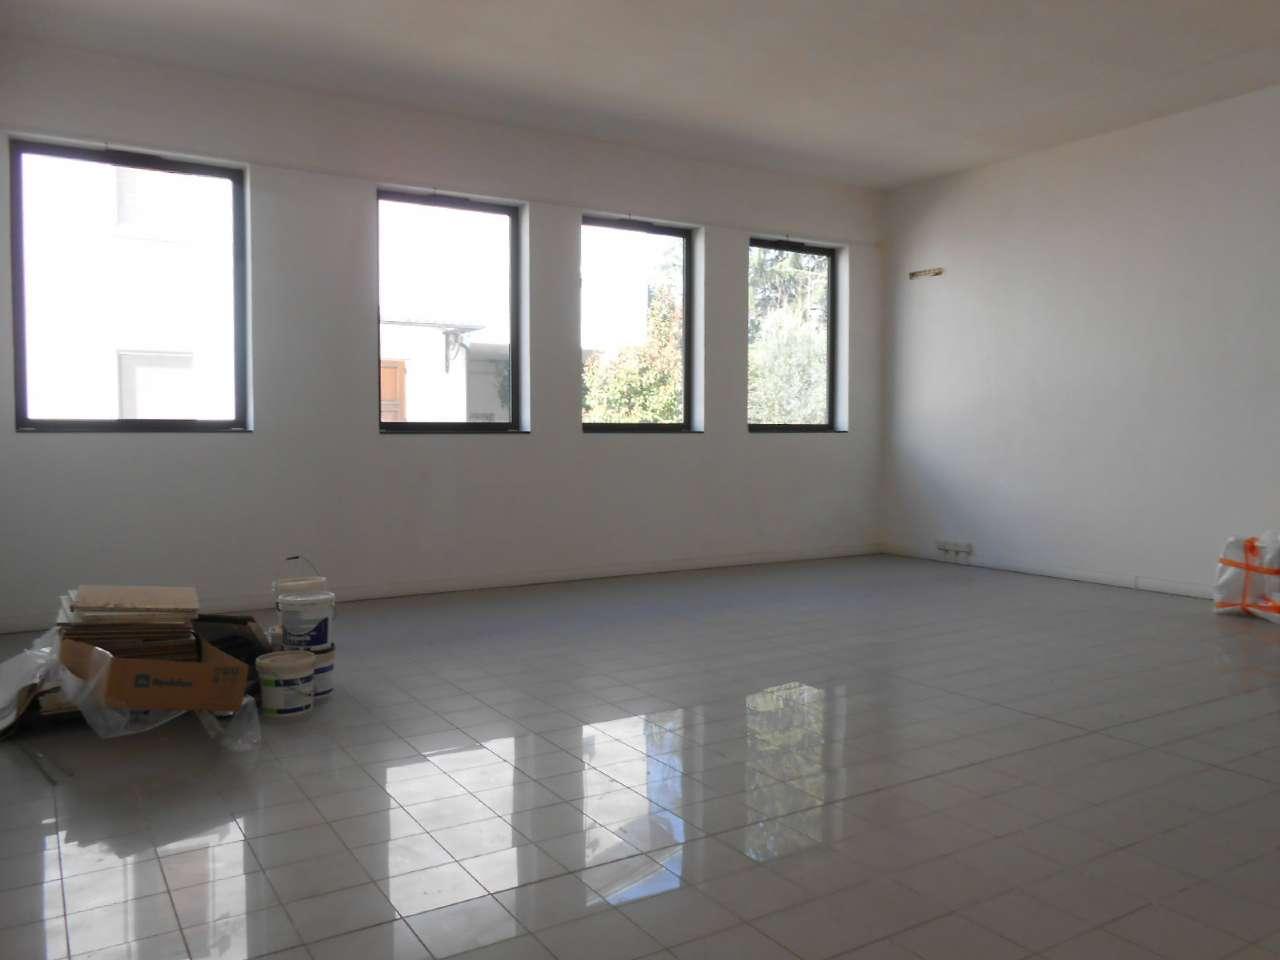 Ufficio / Studio in vendita a Madignano, 2 locali, prezzo € 140.000   PortaleAgenzieImmobiliari.it